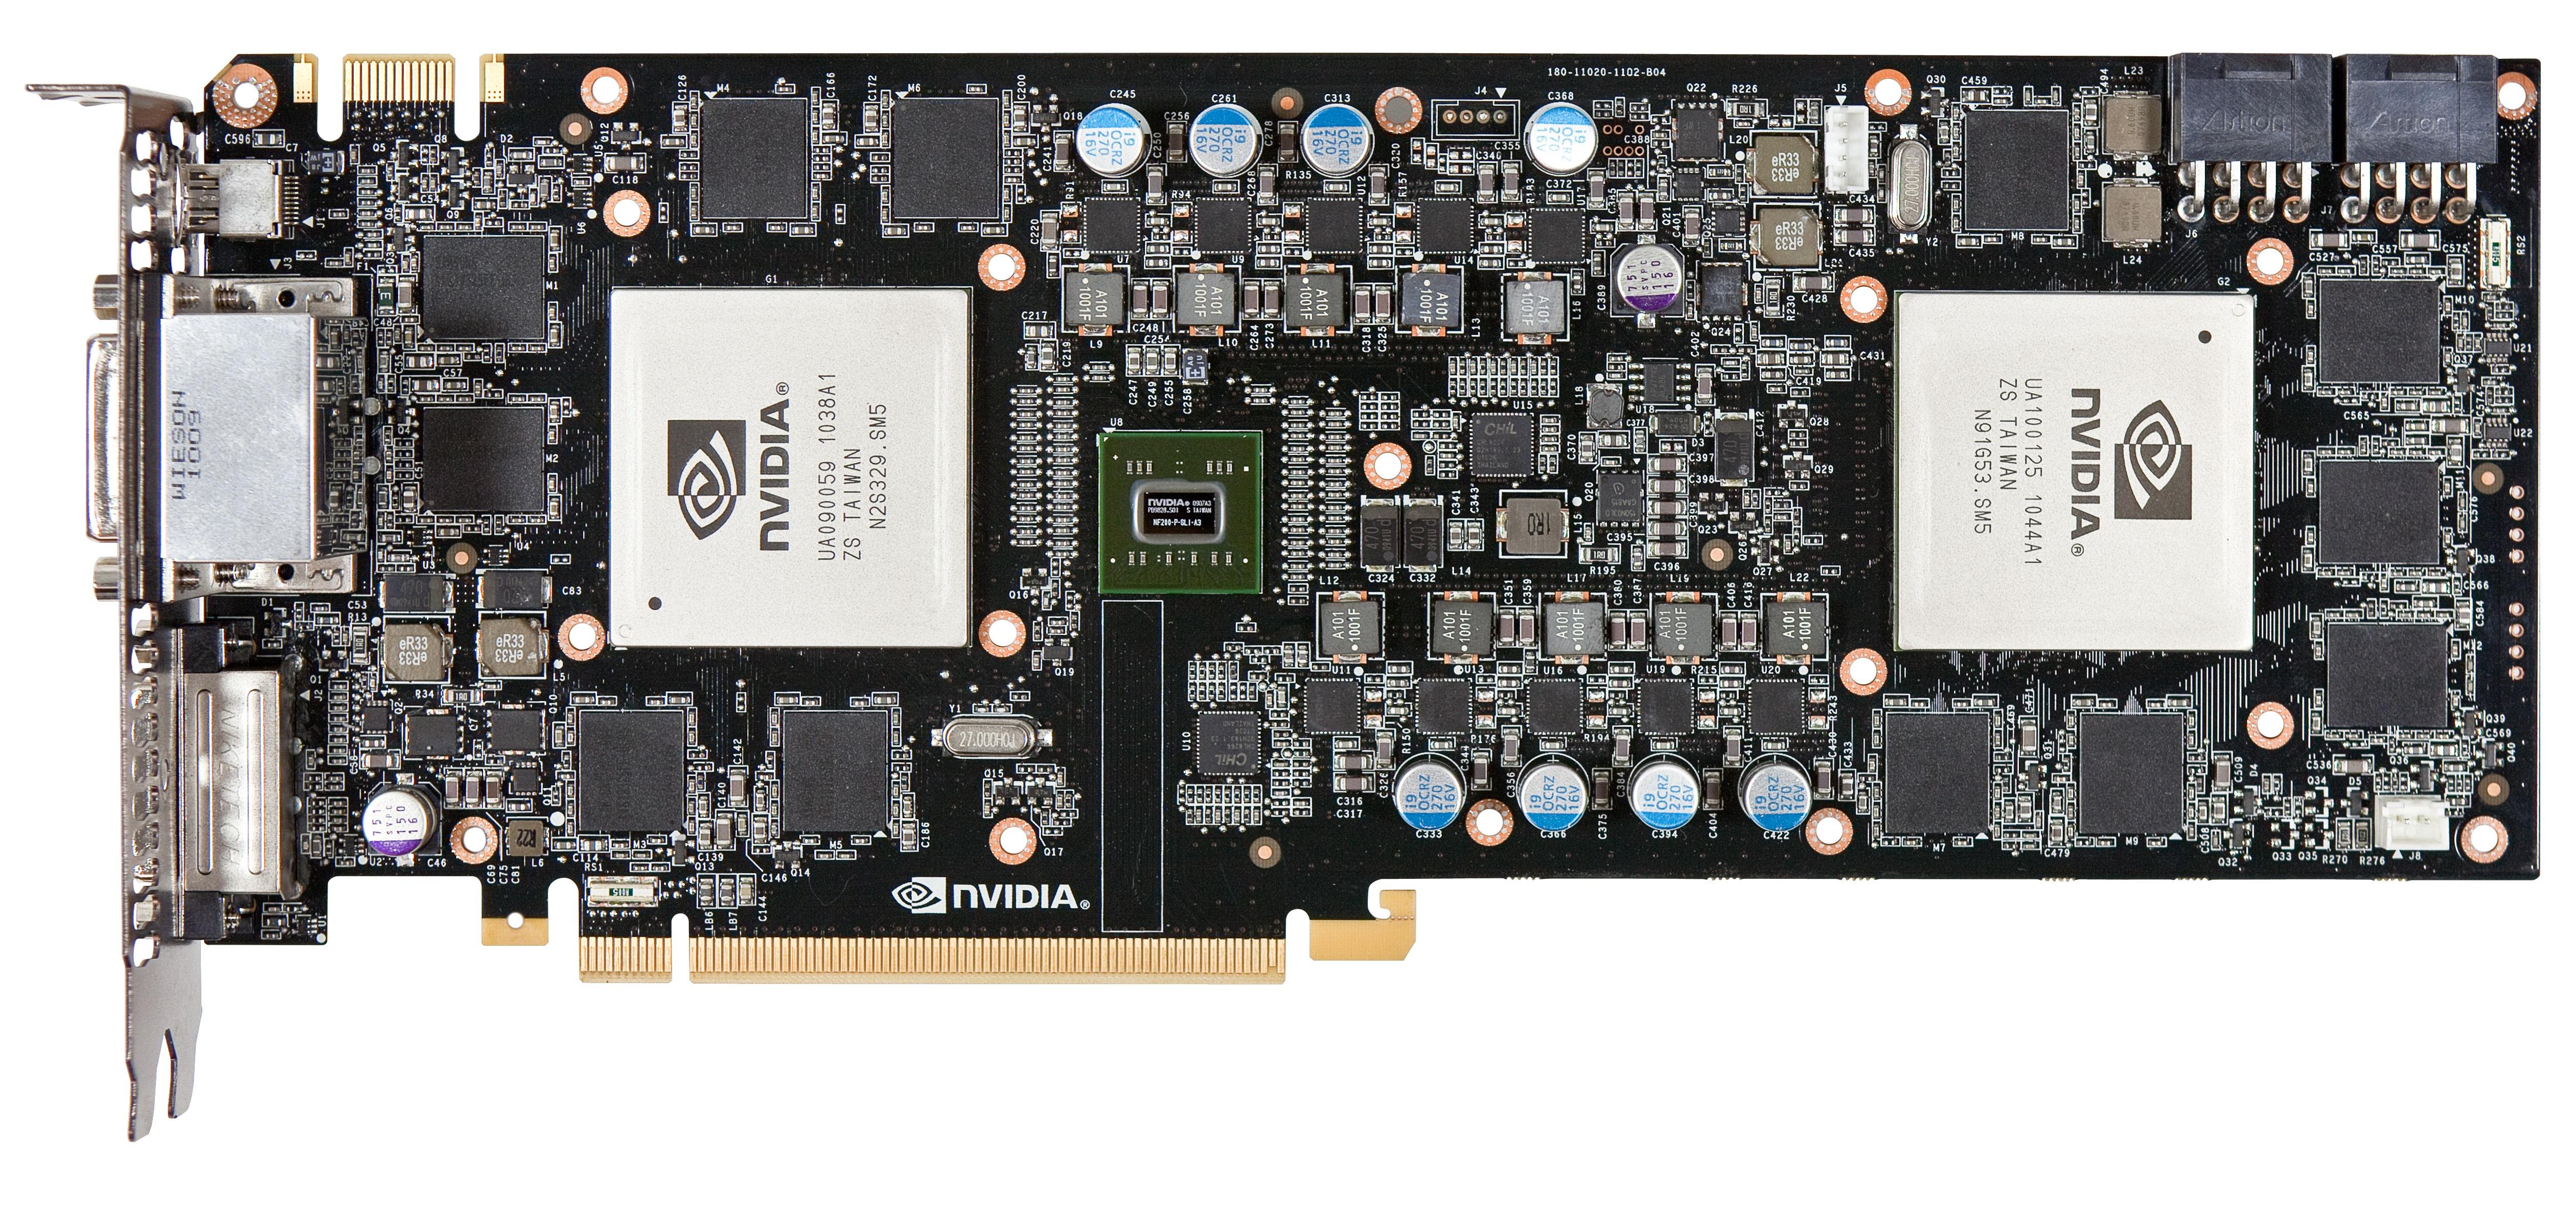 Geforce GTX 590 im Test: Nvidias Doppel-GPU ist leiser, aber nicht immer schneller - Der NF200-Chip in der Mitte verbindet die beiden GPUs.